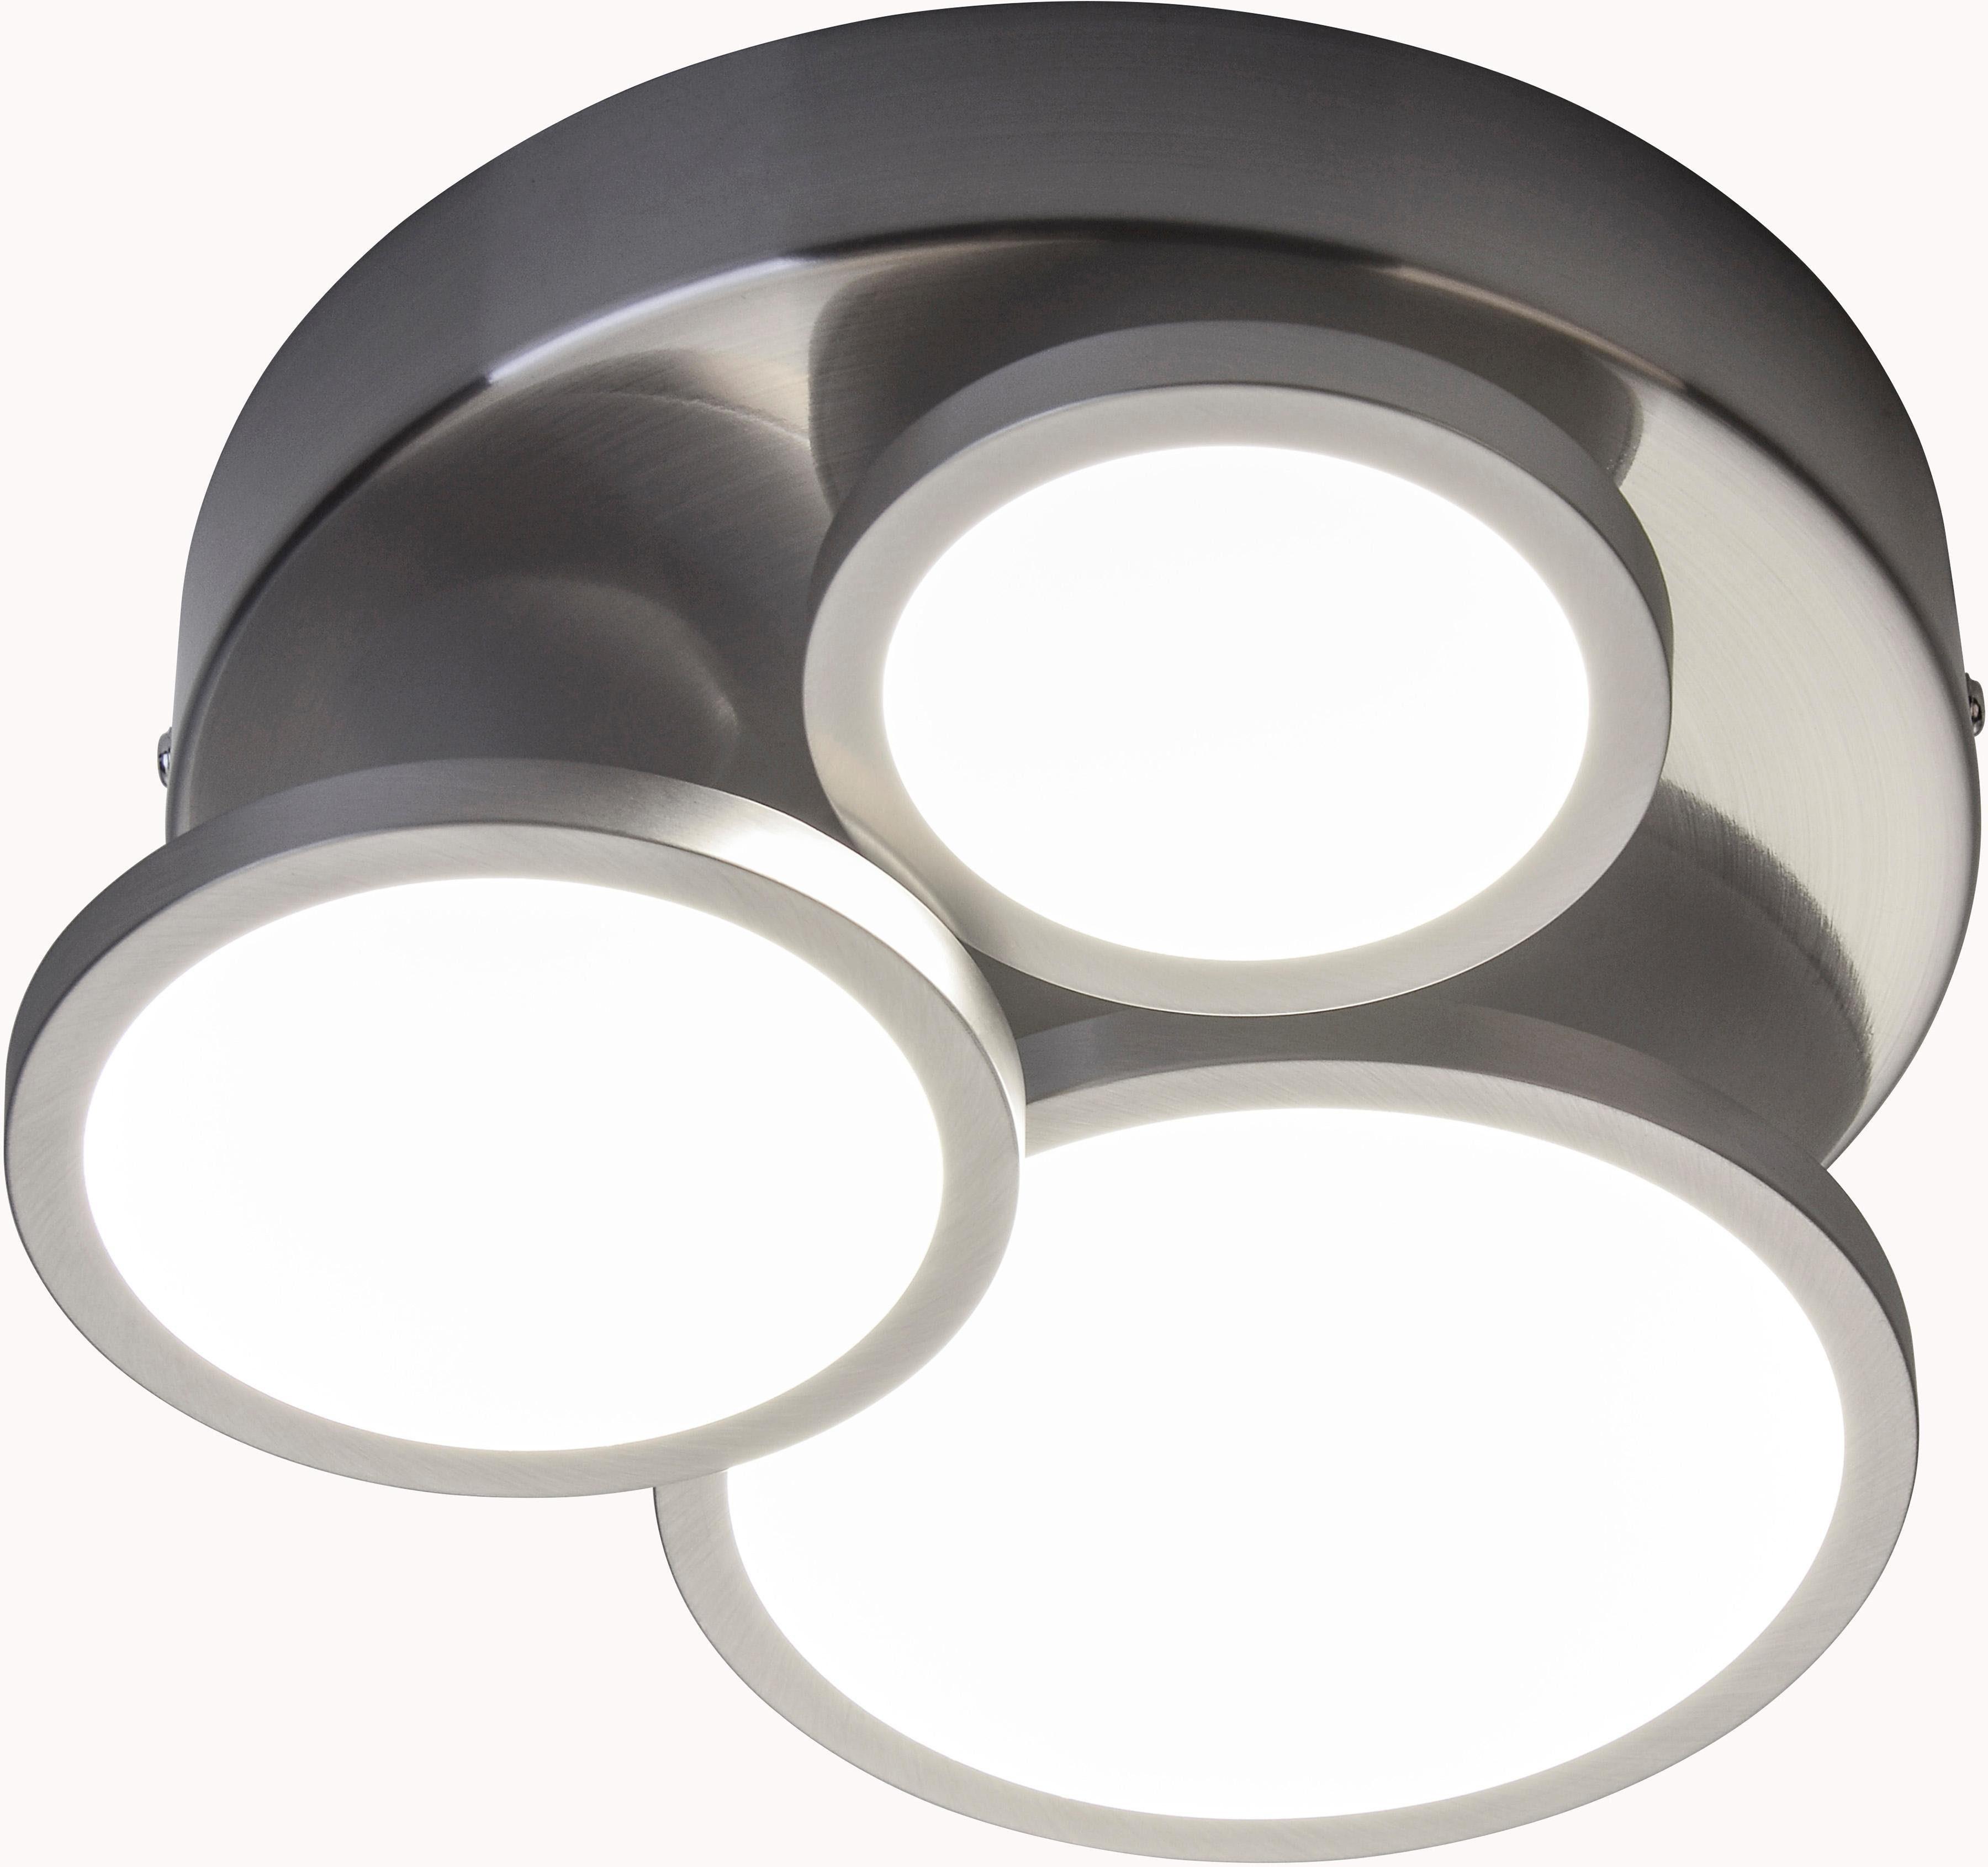 Nino Leuchten LED Deckenleuchte Neo, LED-Board, 1 St., Warmweiß, LED Deckenlampe